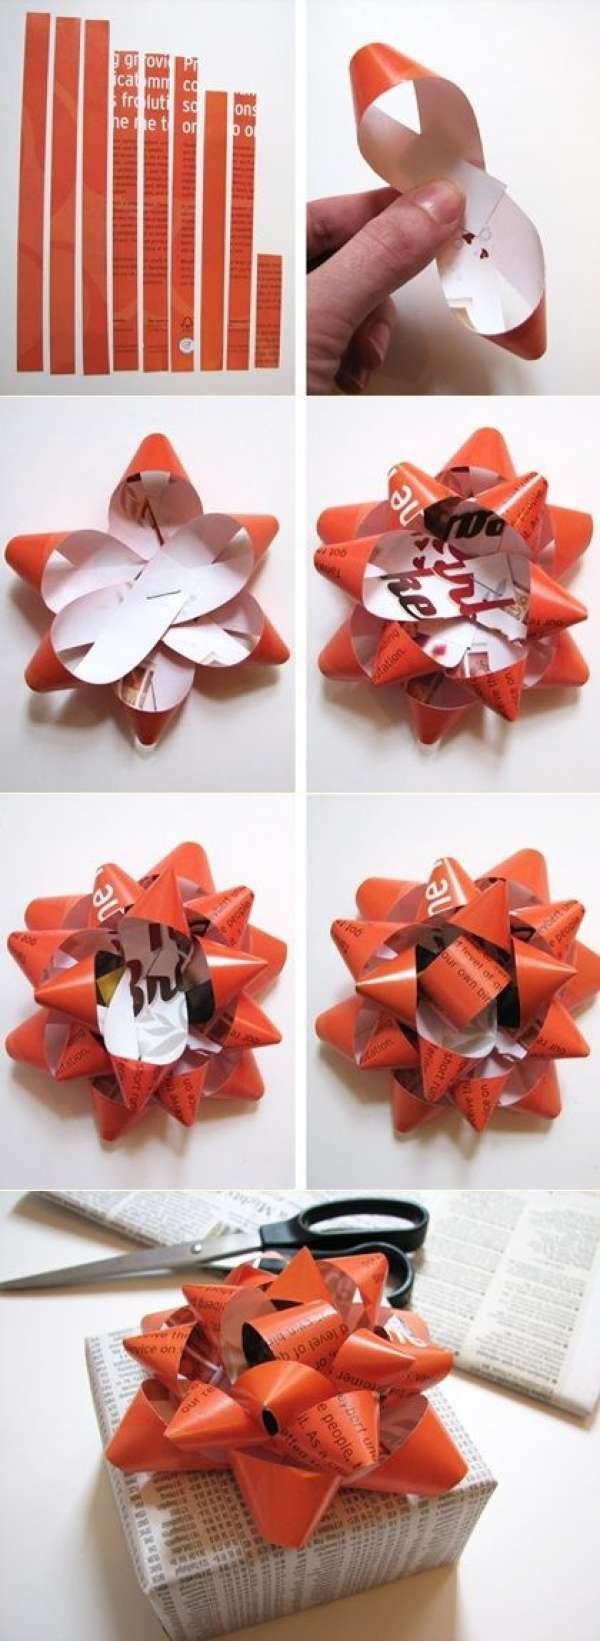 Emballage cadeau en papier journal et nœud en feuilles de magazines. 19 idées originales d'emballages cadeaux à faire soi-même